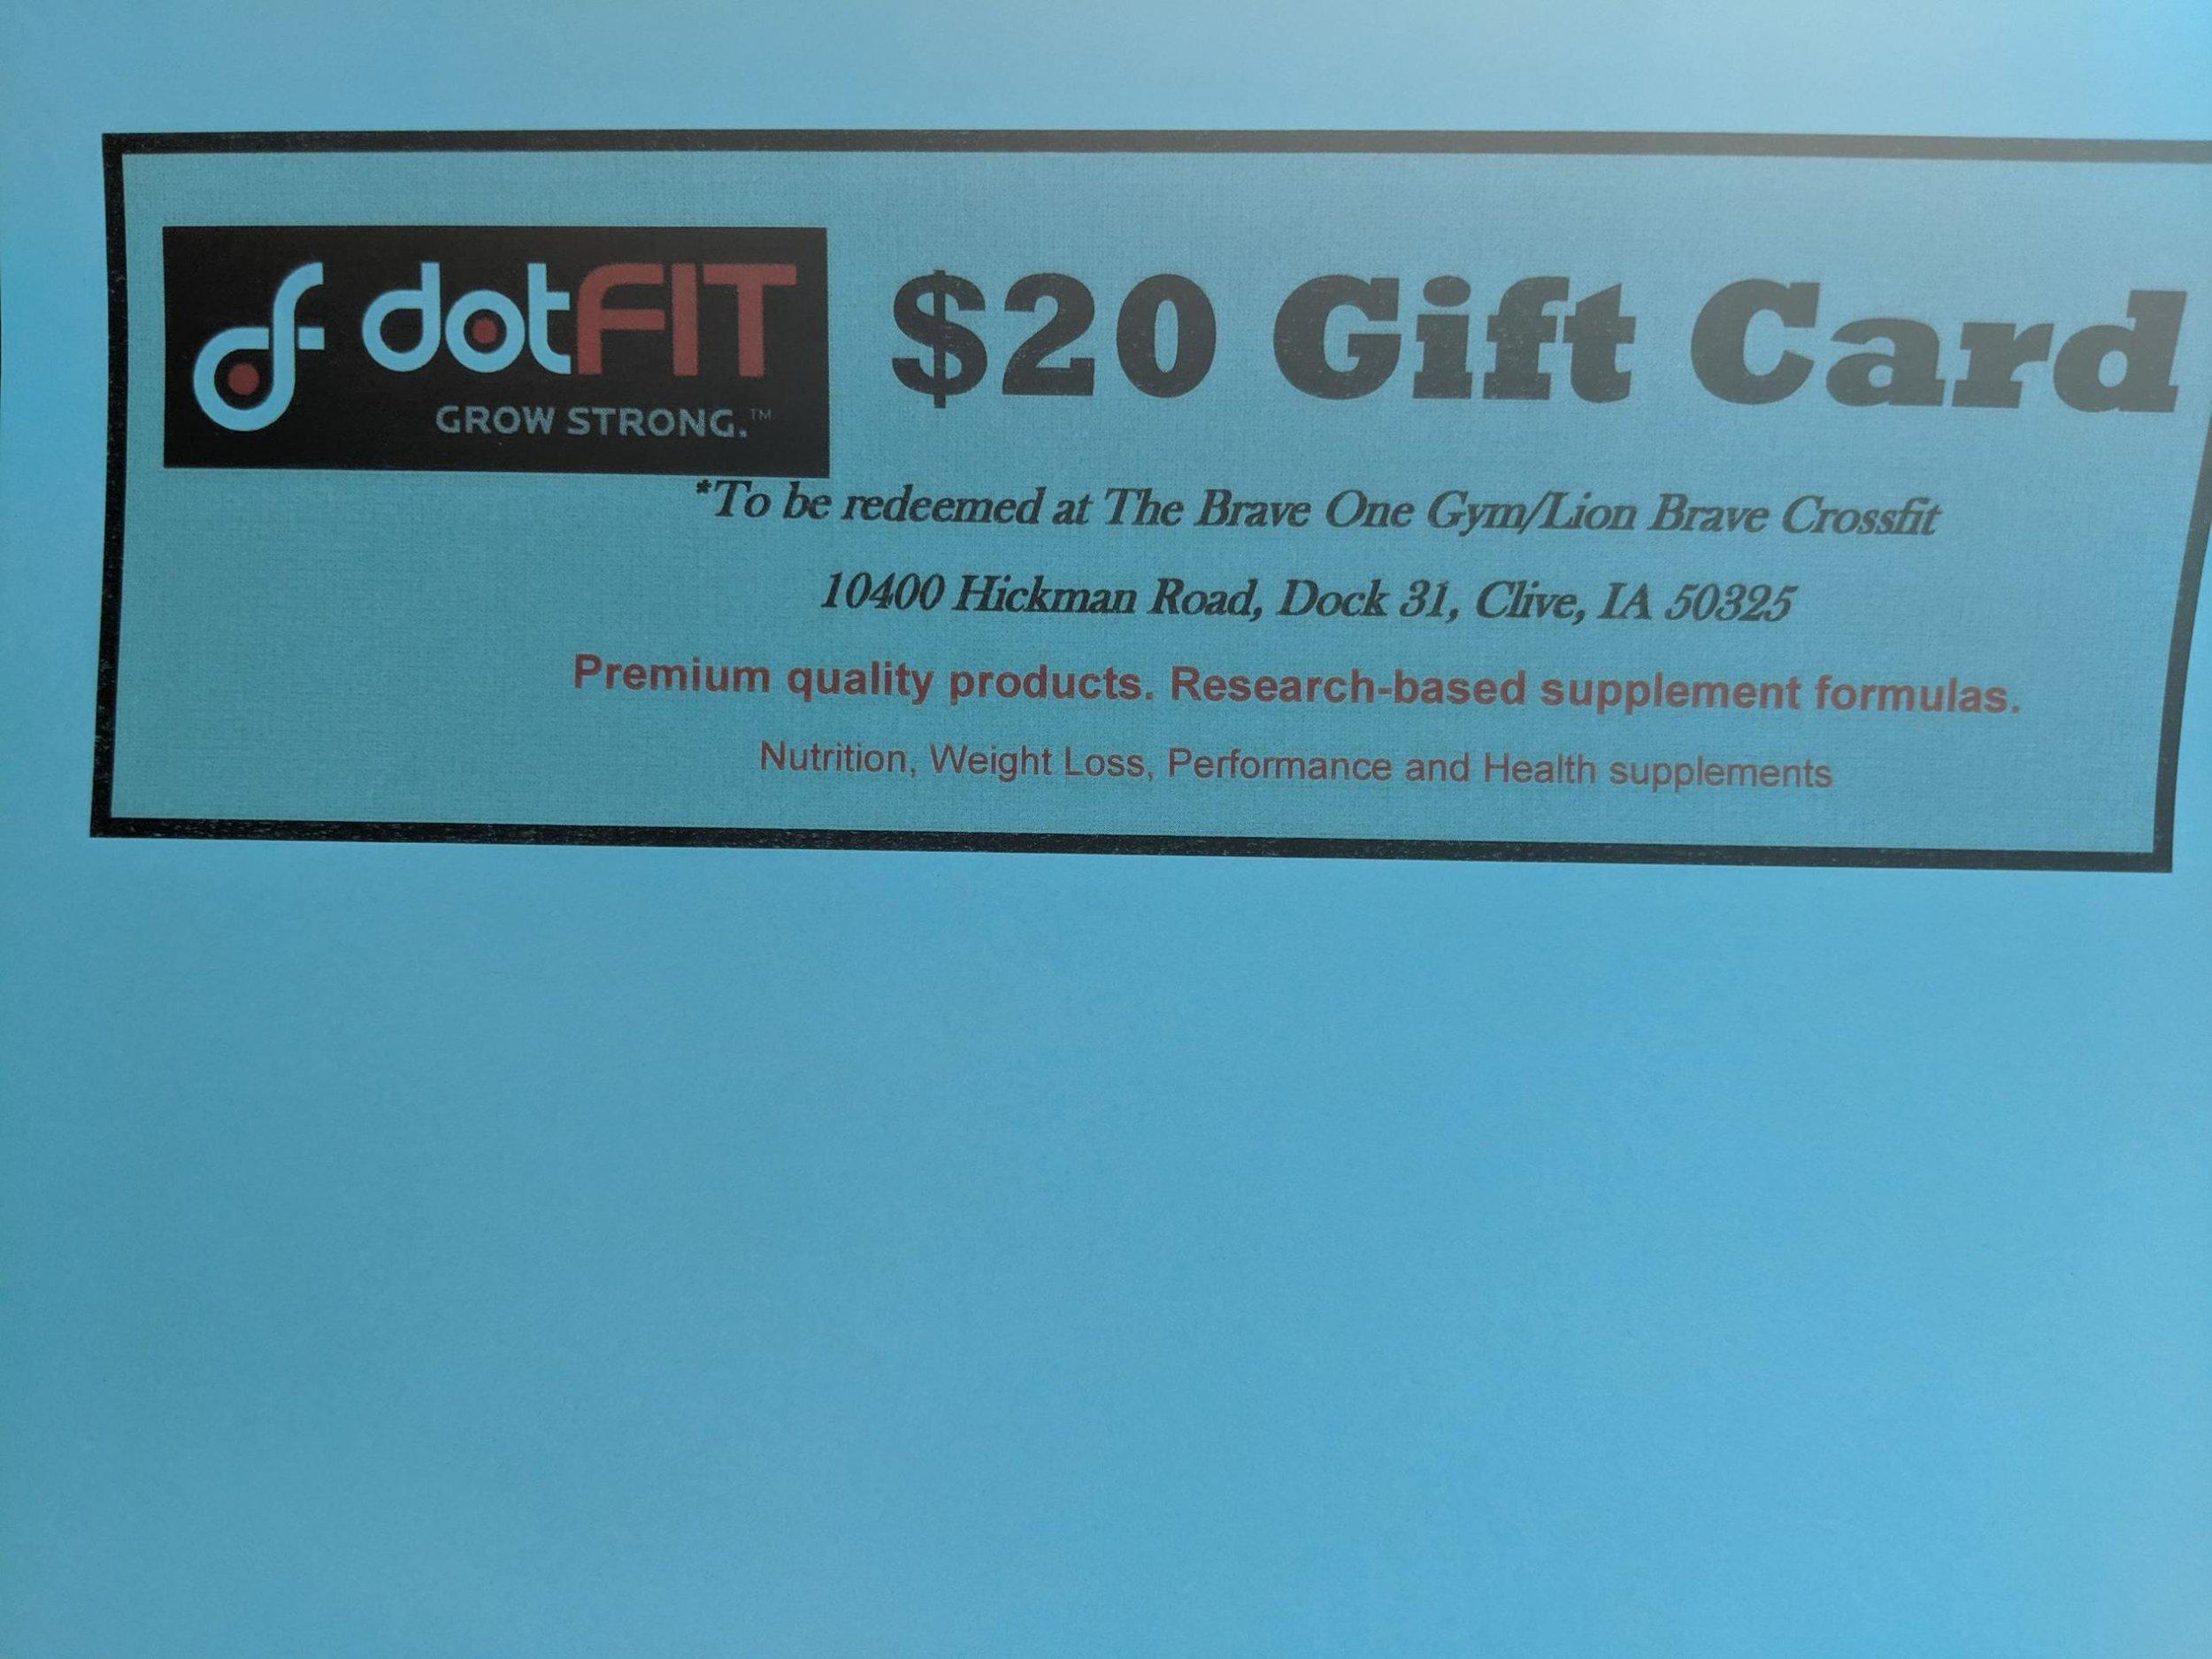 DotFit gift card -